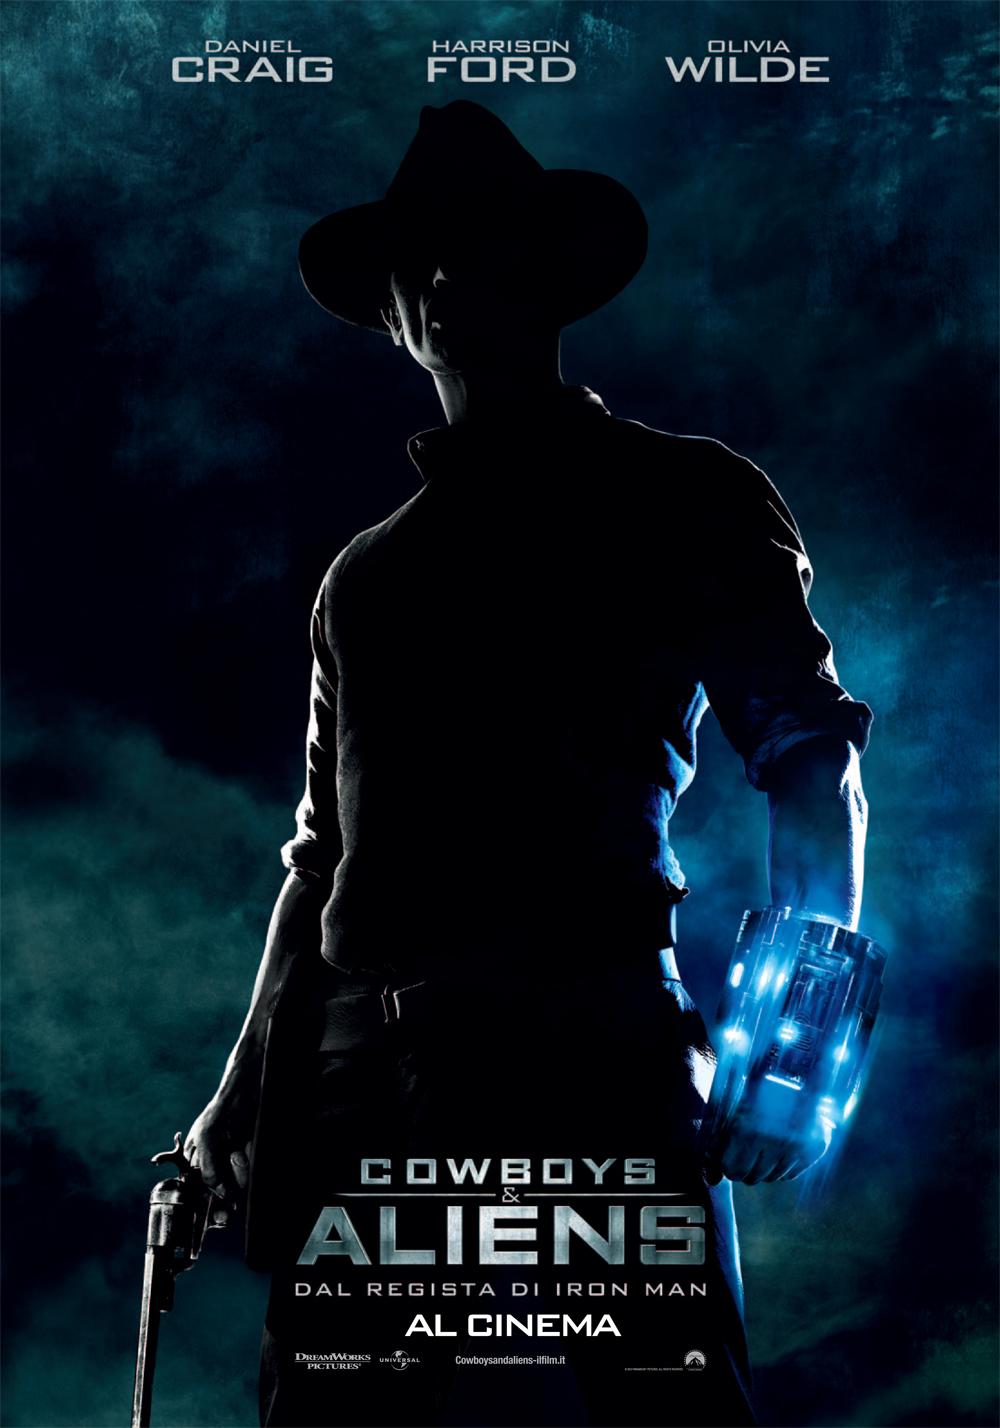 http://3.bp.blogspot.com/_gP0YbyEAqFY/TRByJrFNMAI/AAAAAAAASOk/lSdolv0TDyU/s1600/cowboys_italiana1.jpg